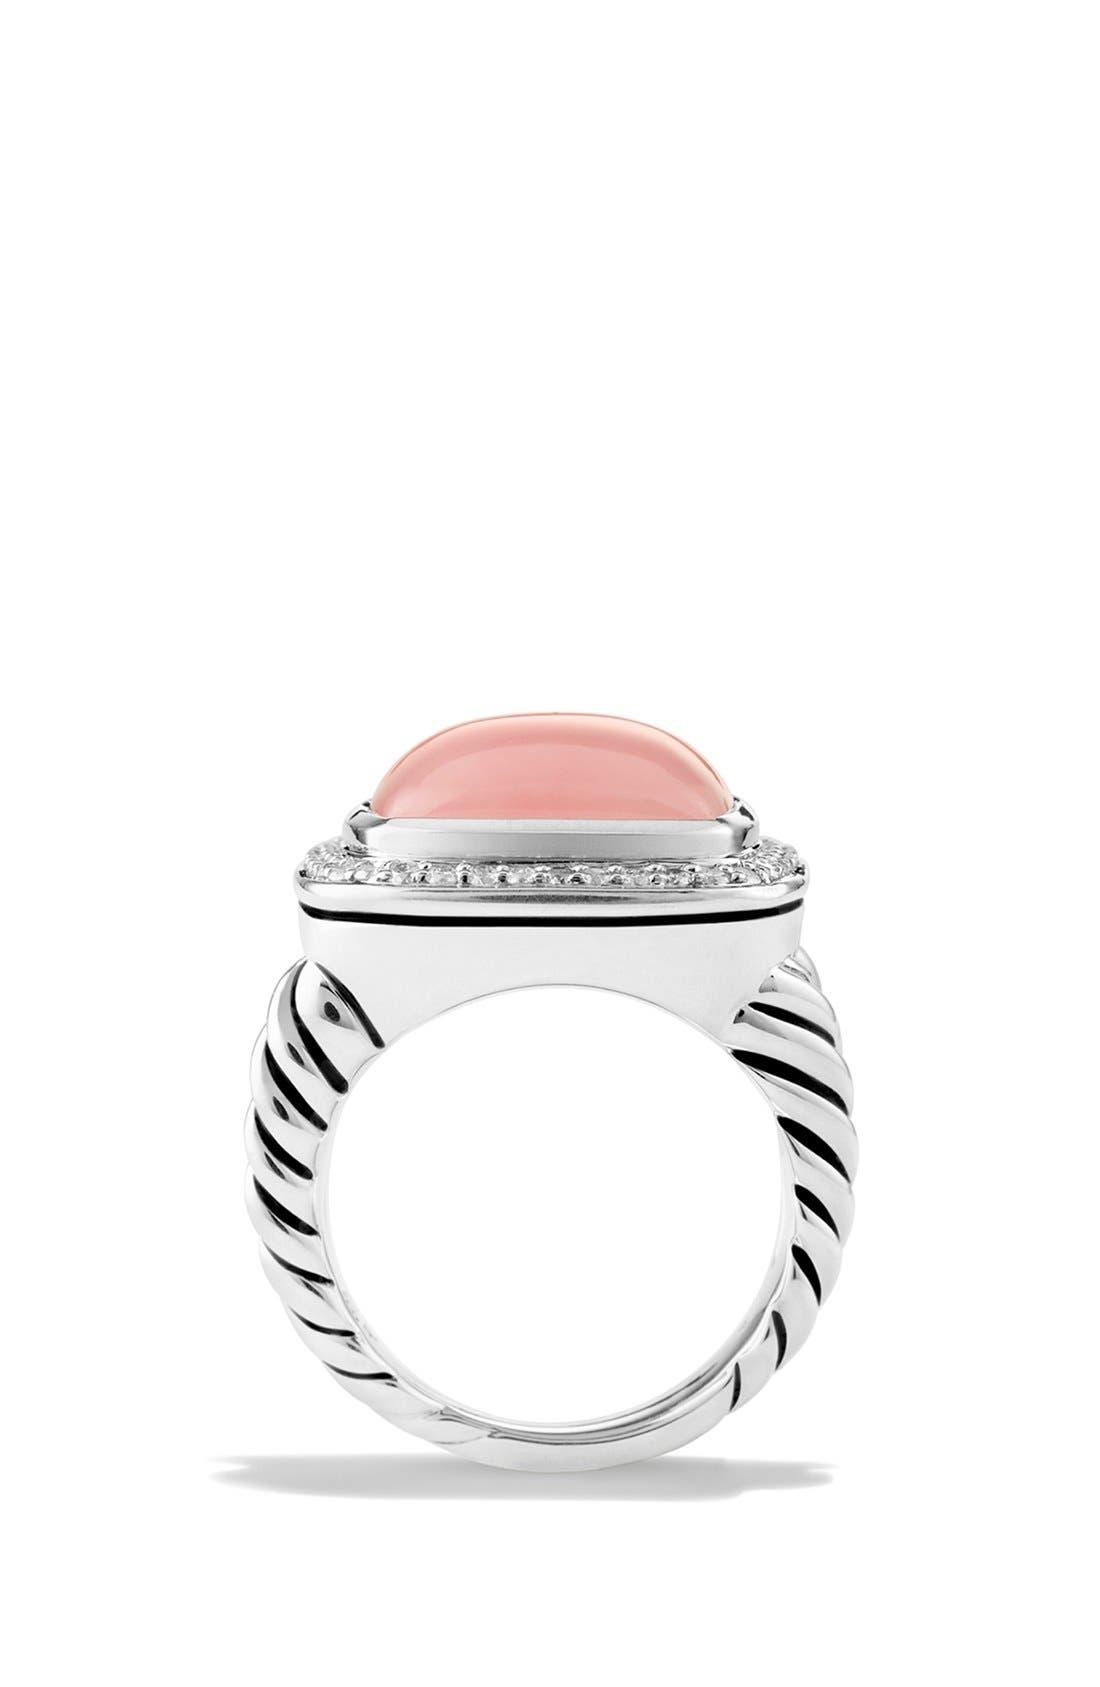 Alternate Image 2  - David Yurman 'Albion' Ring with Semiprecious Stone & Diamonds